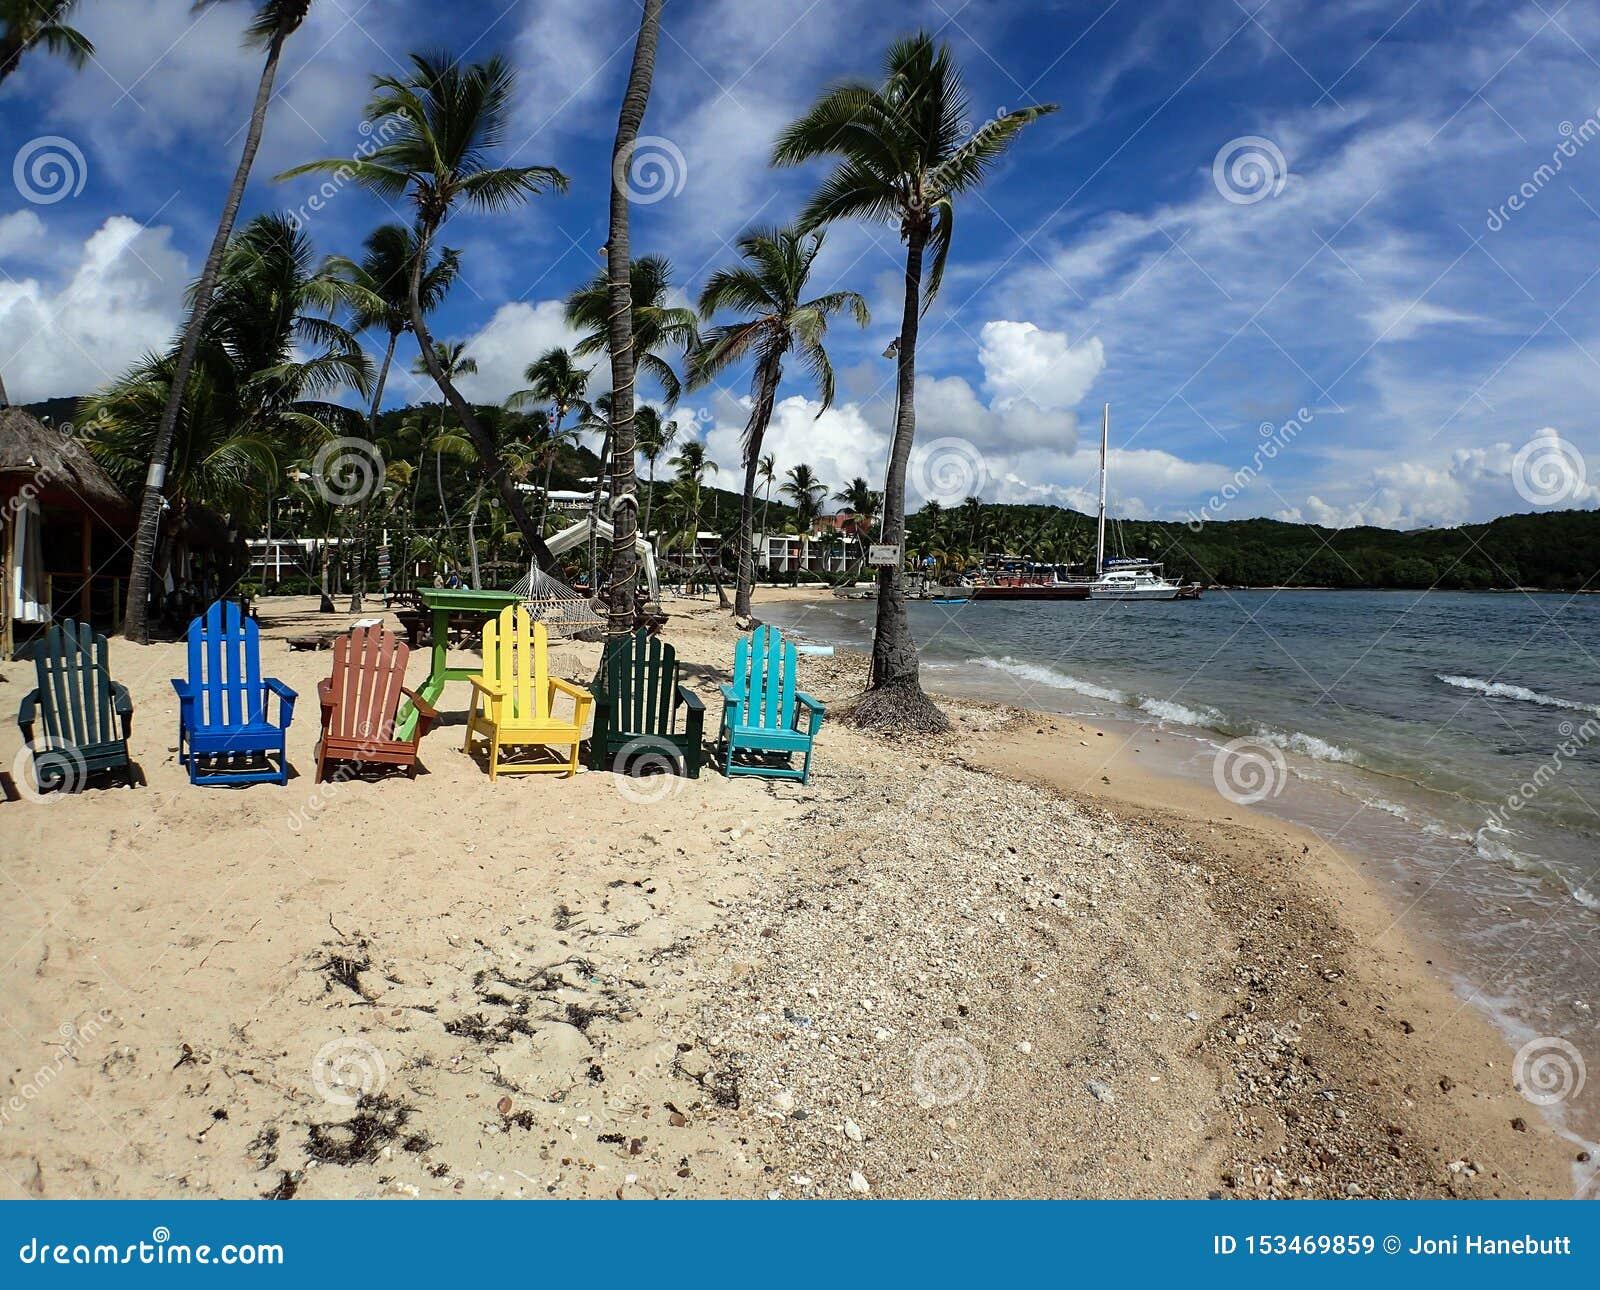 De kleurrijke ligstoelen, palmen, zeilboten bonden tot het dok, en mooi zandstrand